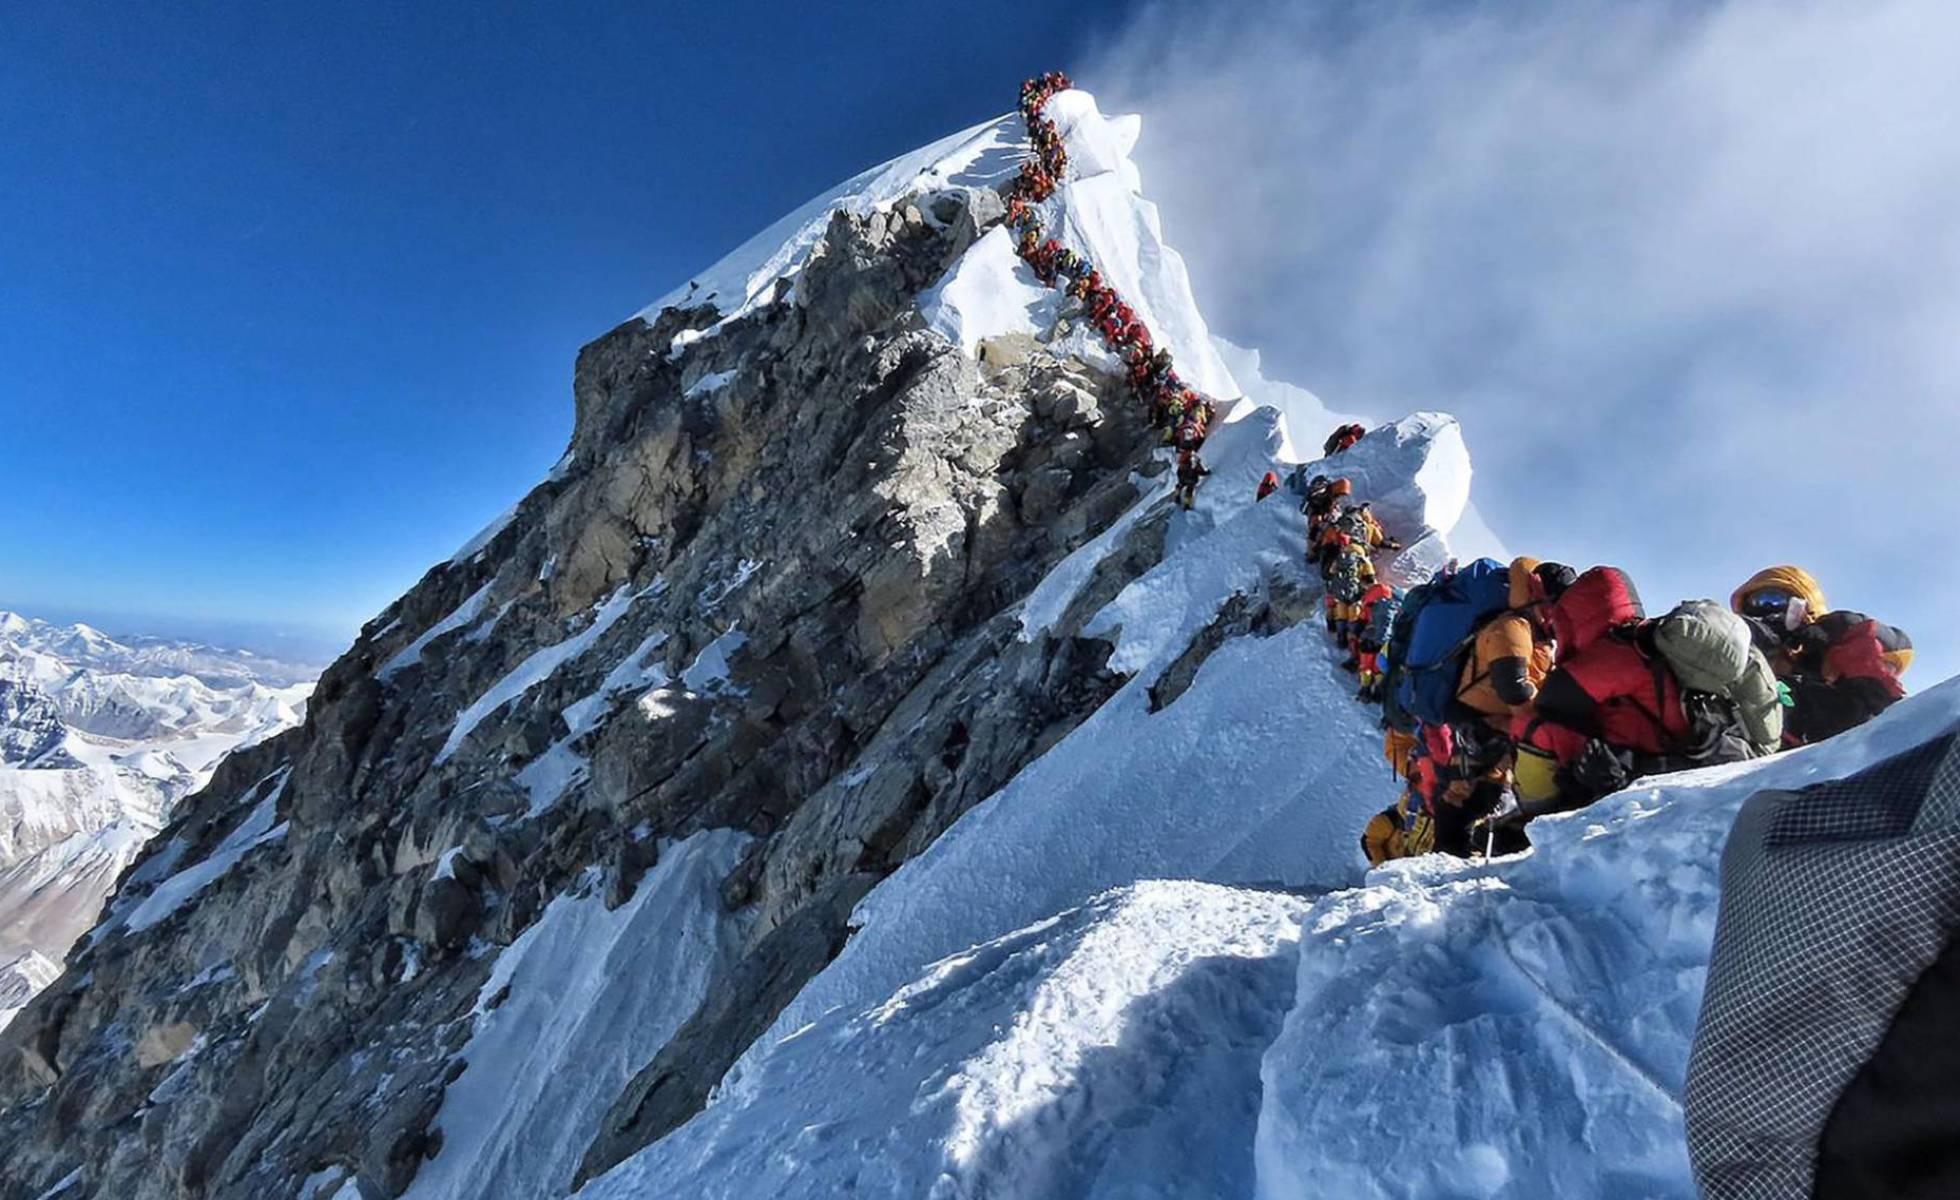 Alpinistas esperam sua vez para chegar ao cume do Everest. Foto: NIRMAL PURJA/ AFP / EL PAÍS